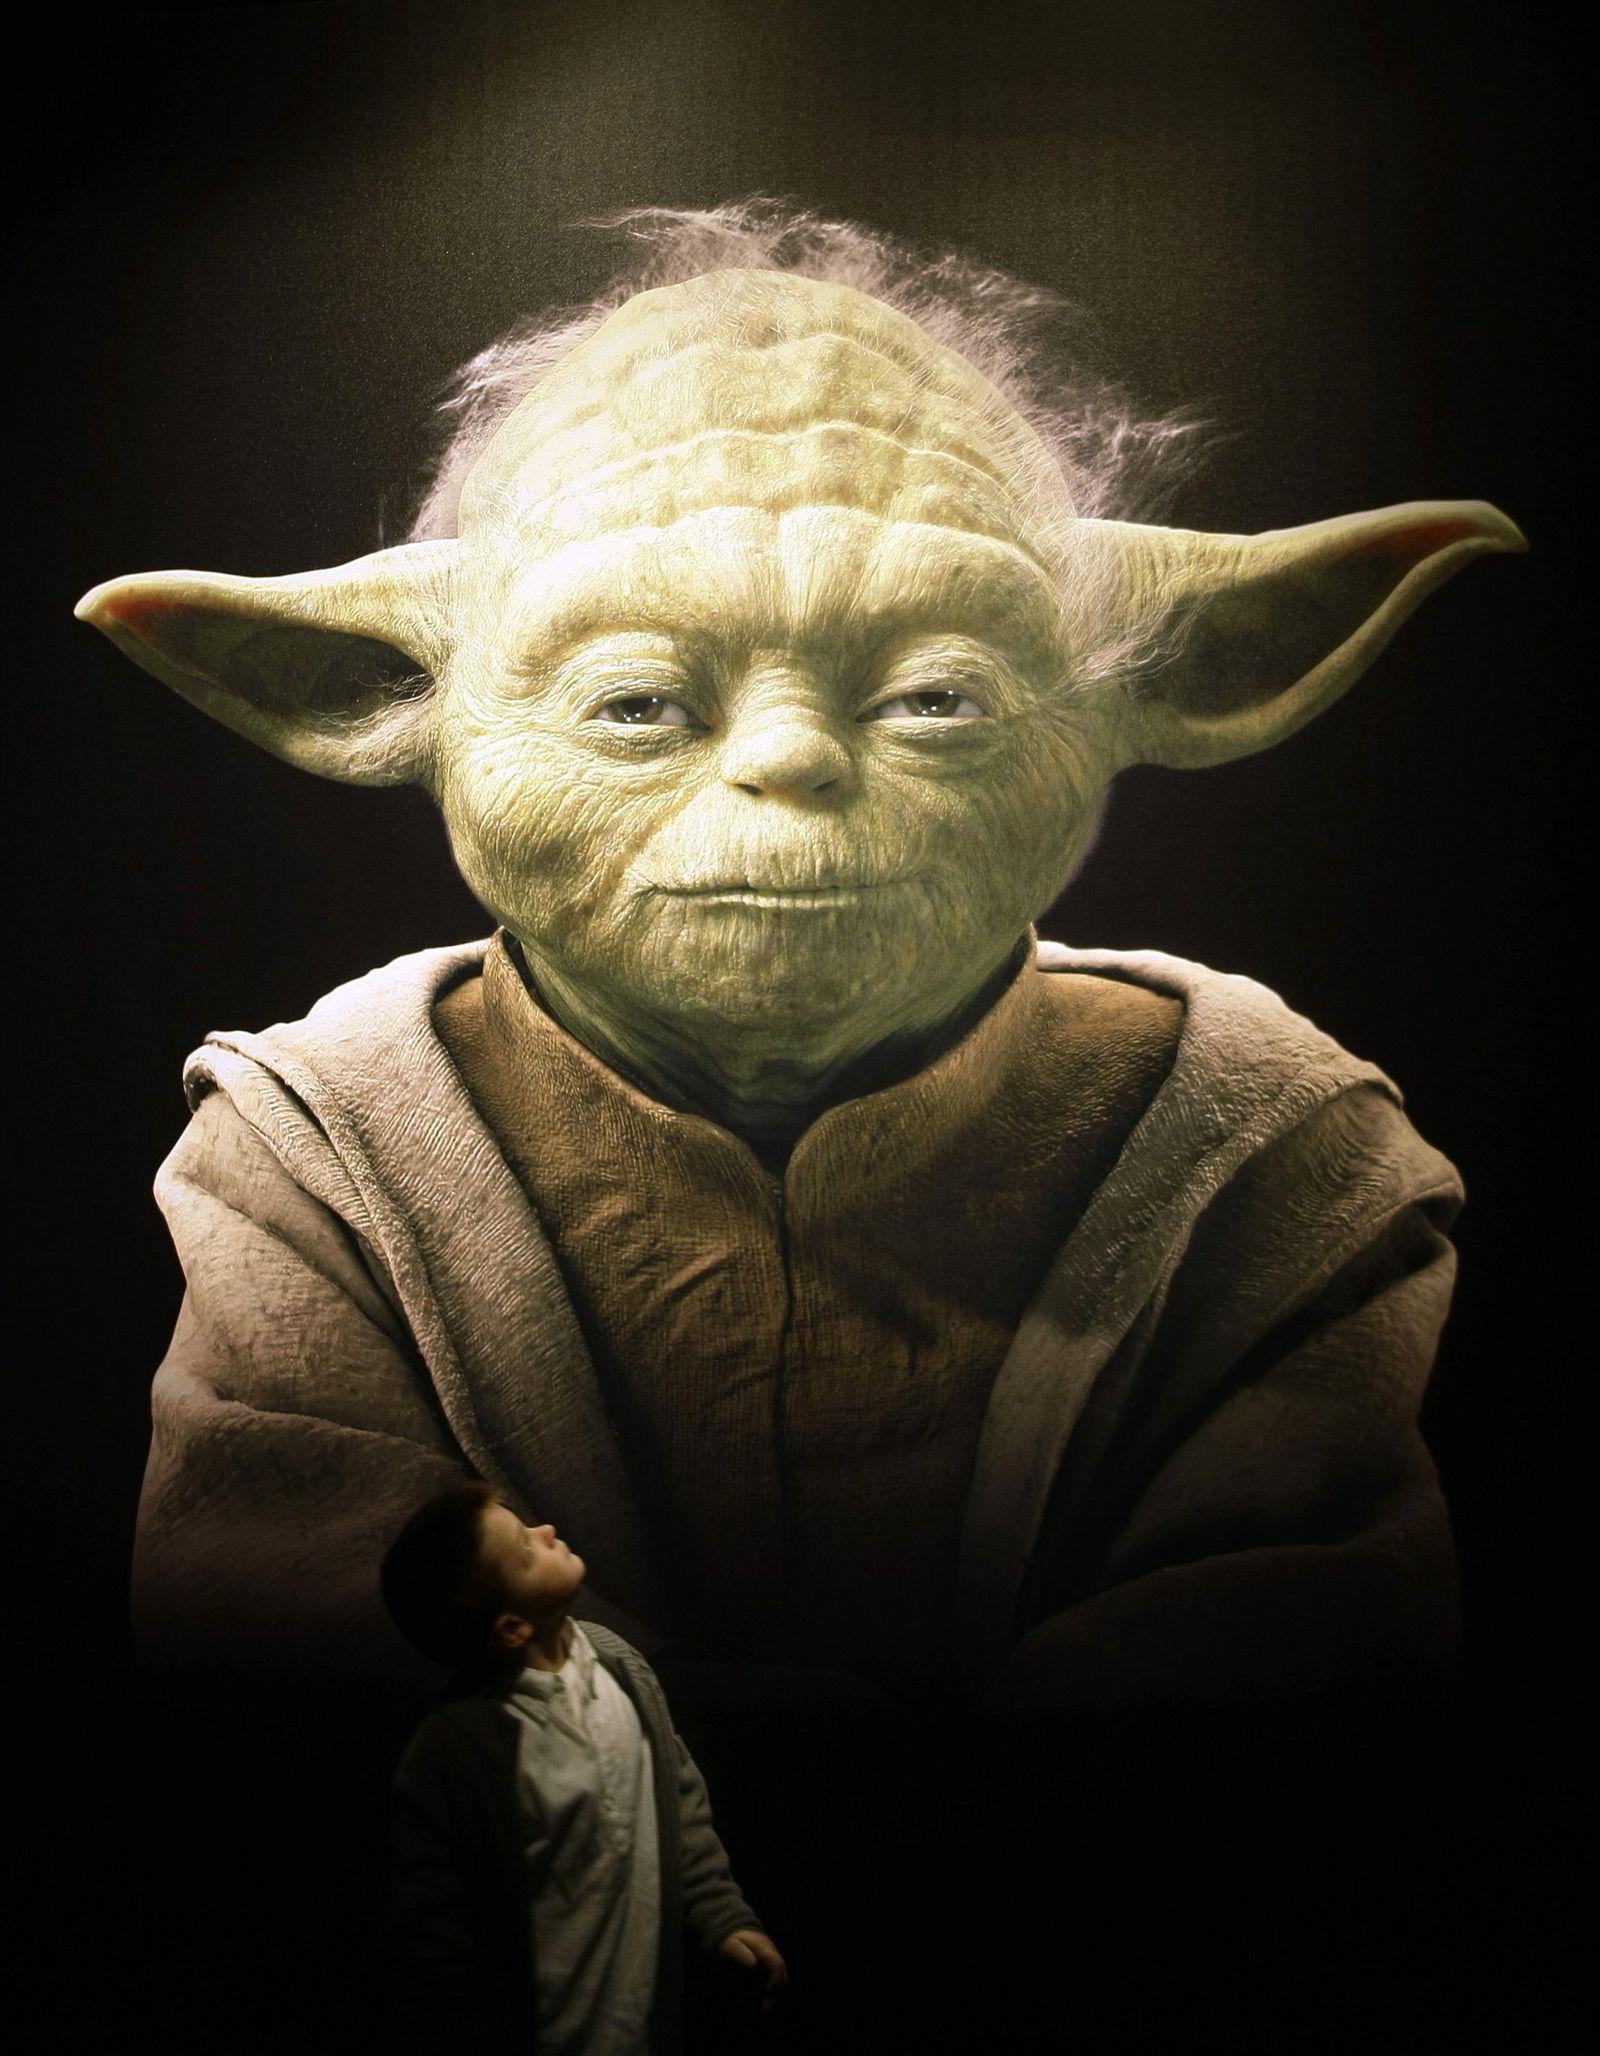 Yoda / Ausstellung / Star Wars